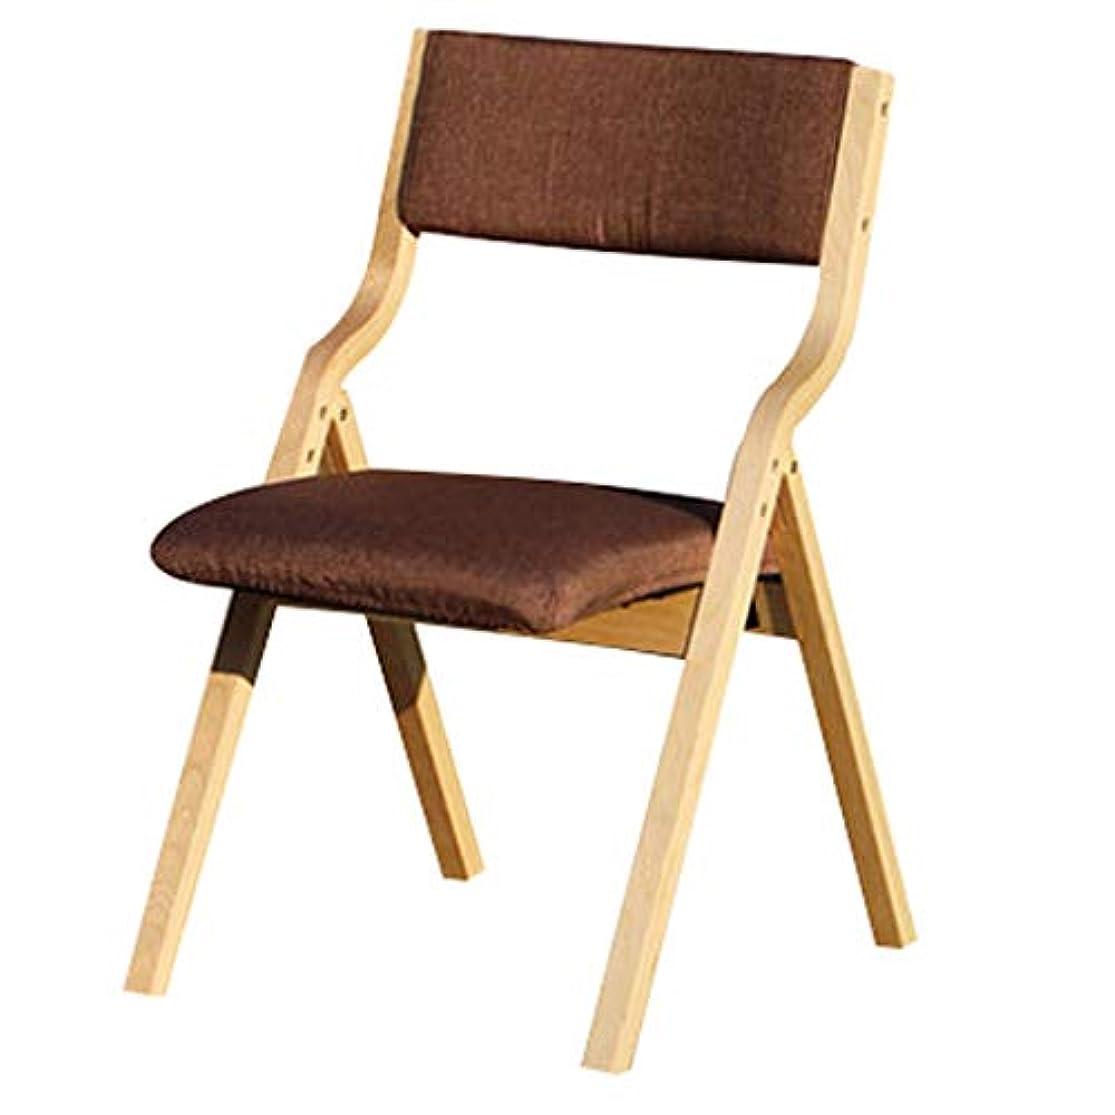 容疑者マニアラメJTWJ ホームダイニングチェアカーブした木の布のバッグチェアバックチェア小さな椅子レジャーチェア屋外椅子シンプル (色 : Coffee color)